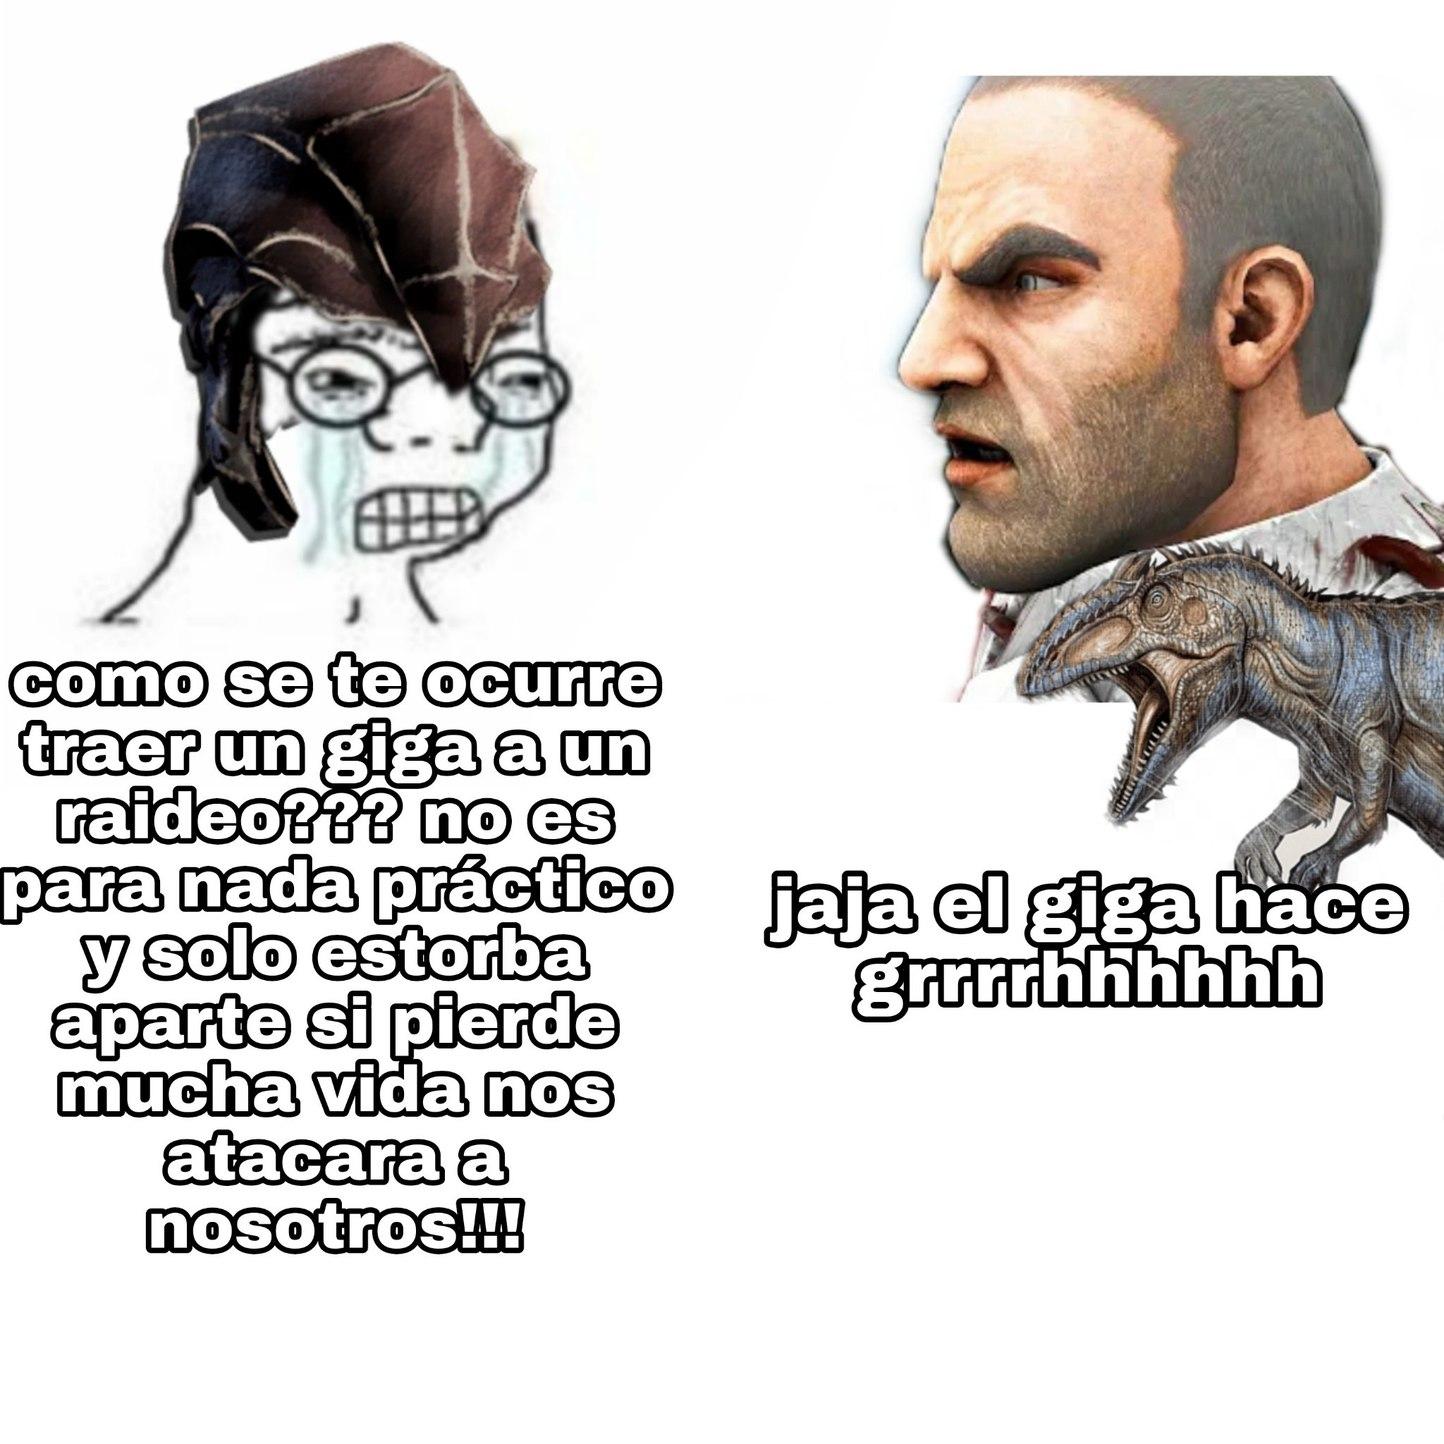 Jajaja un meme de ark xd